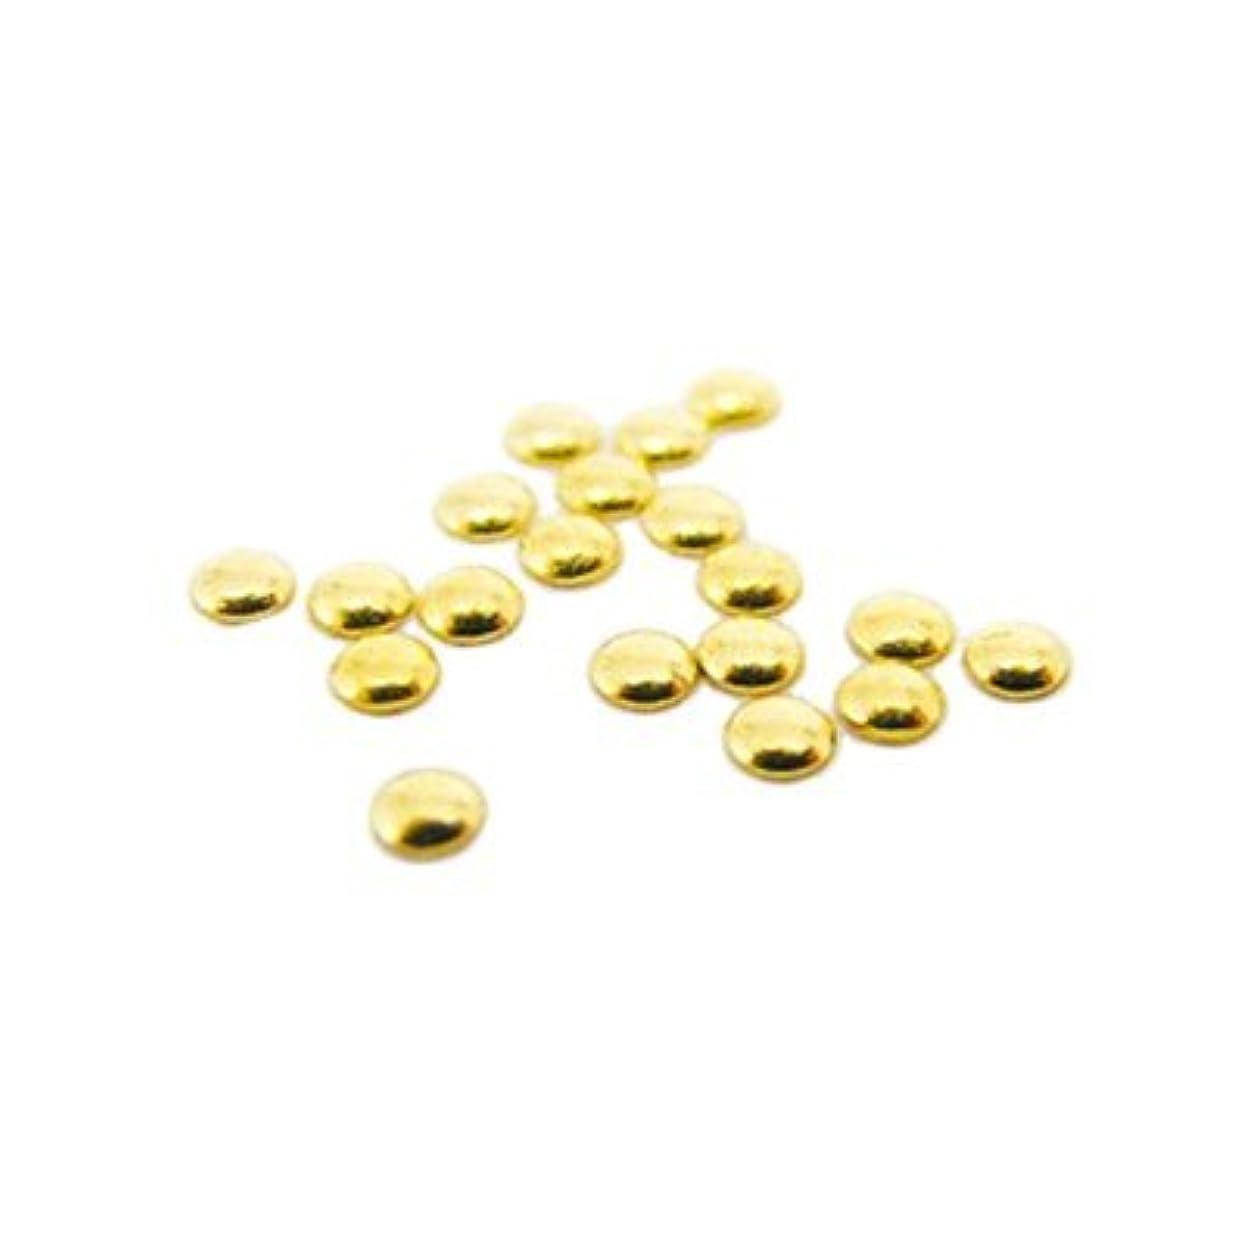 受け取る予約主ピアドラ スタッズ 1.2mm 50P ゴールド